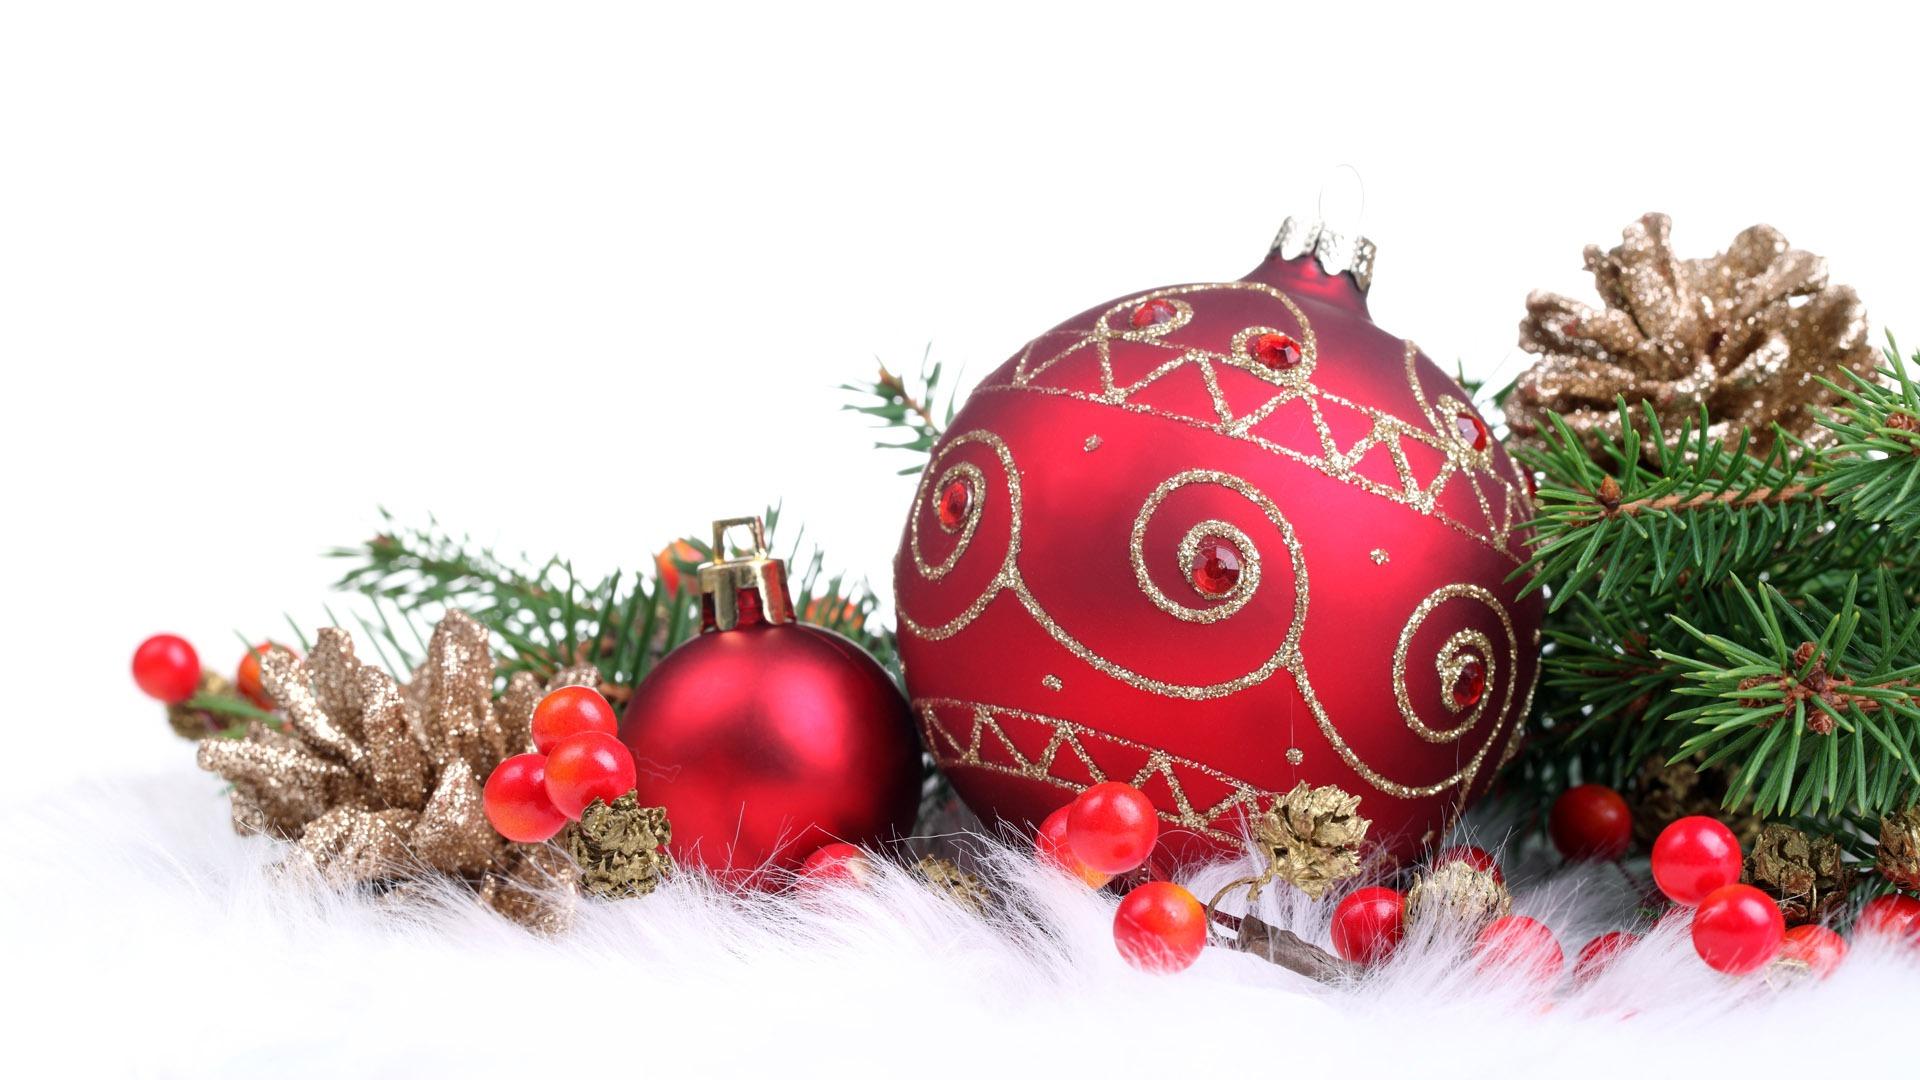 Bildergebnis für weihnachtskugel